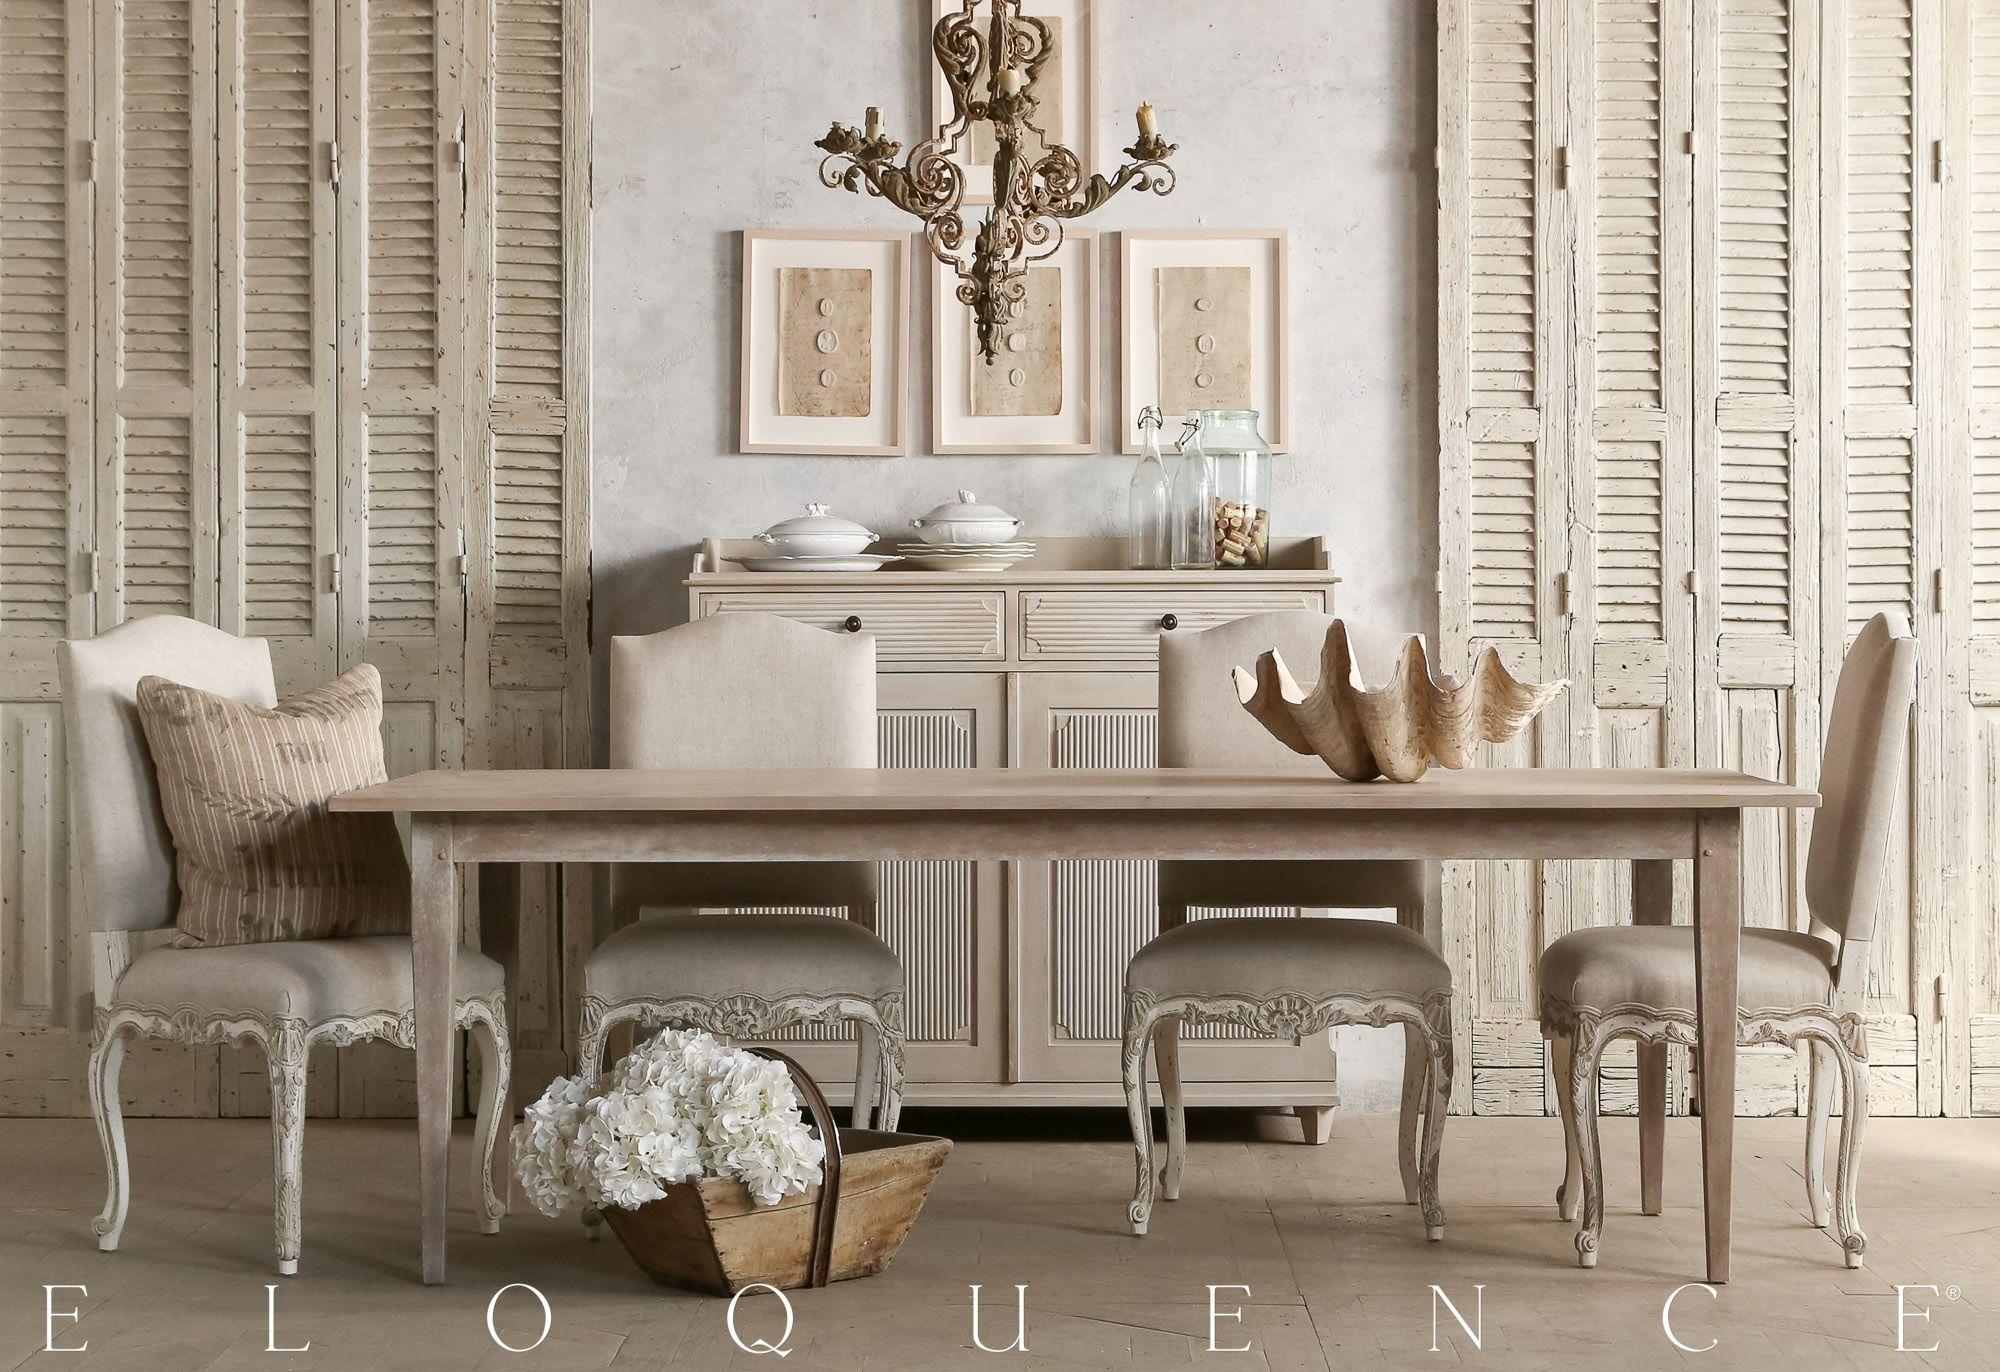 Eloquence tuscano farm table in beach house natural